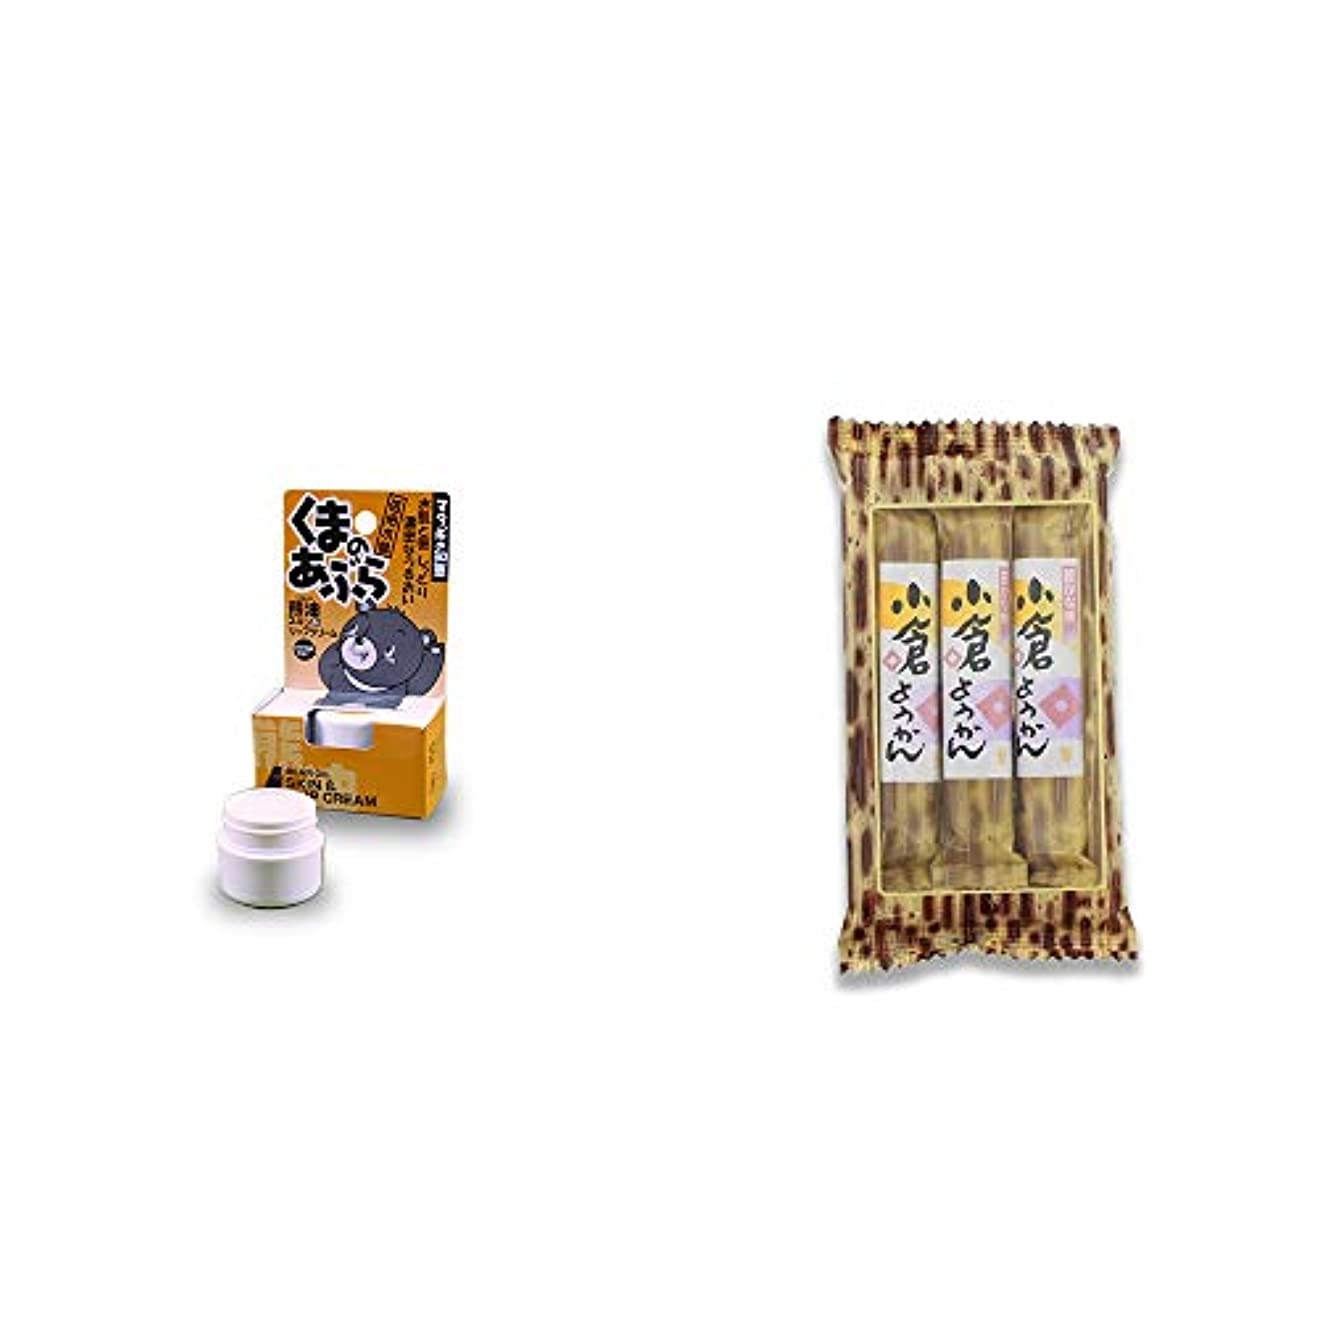 振るうスクリューファンタジー[2点セット] 信州木曽 くまのあぶら 熊油スキン&リップクリーム(9g)?スティックようかん[小倉](50g×3本)